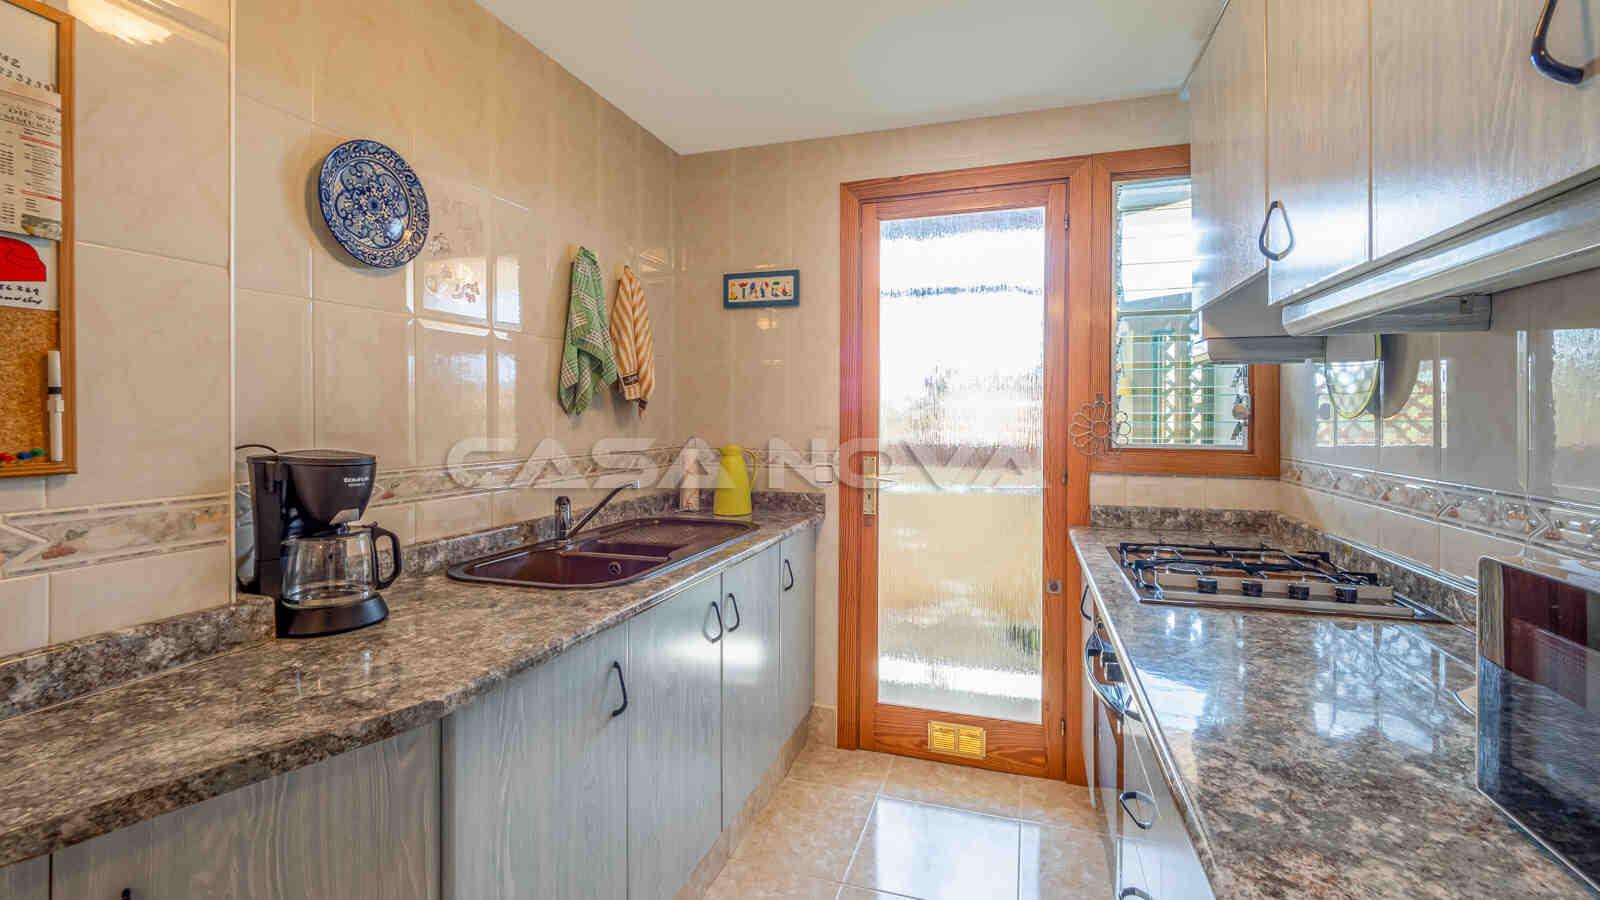 Voll ausgestattete Einbauküche mit angrenzendem Hauswirtschaftsraum